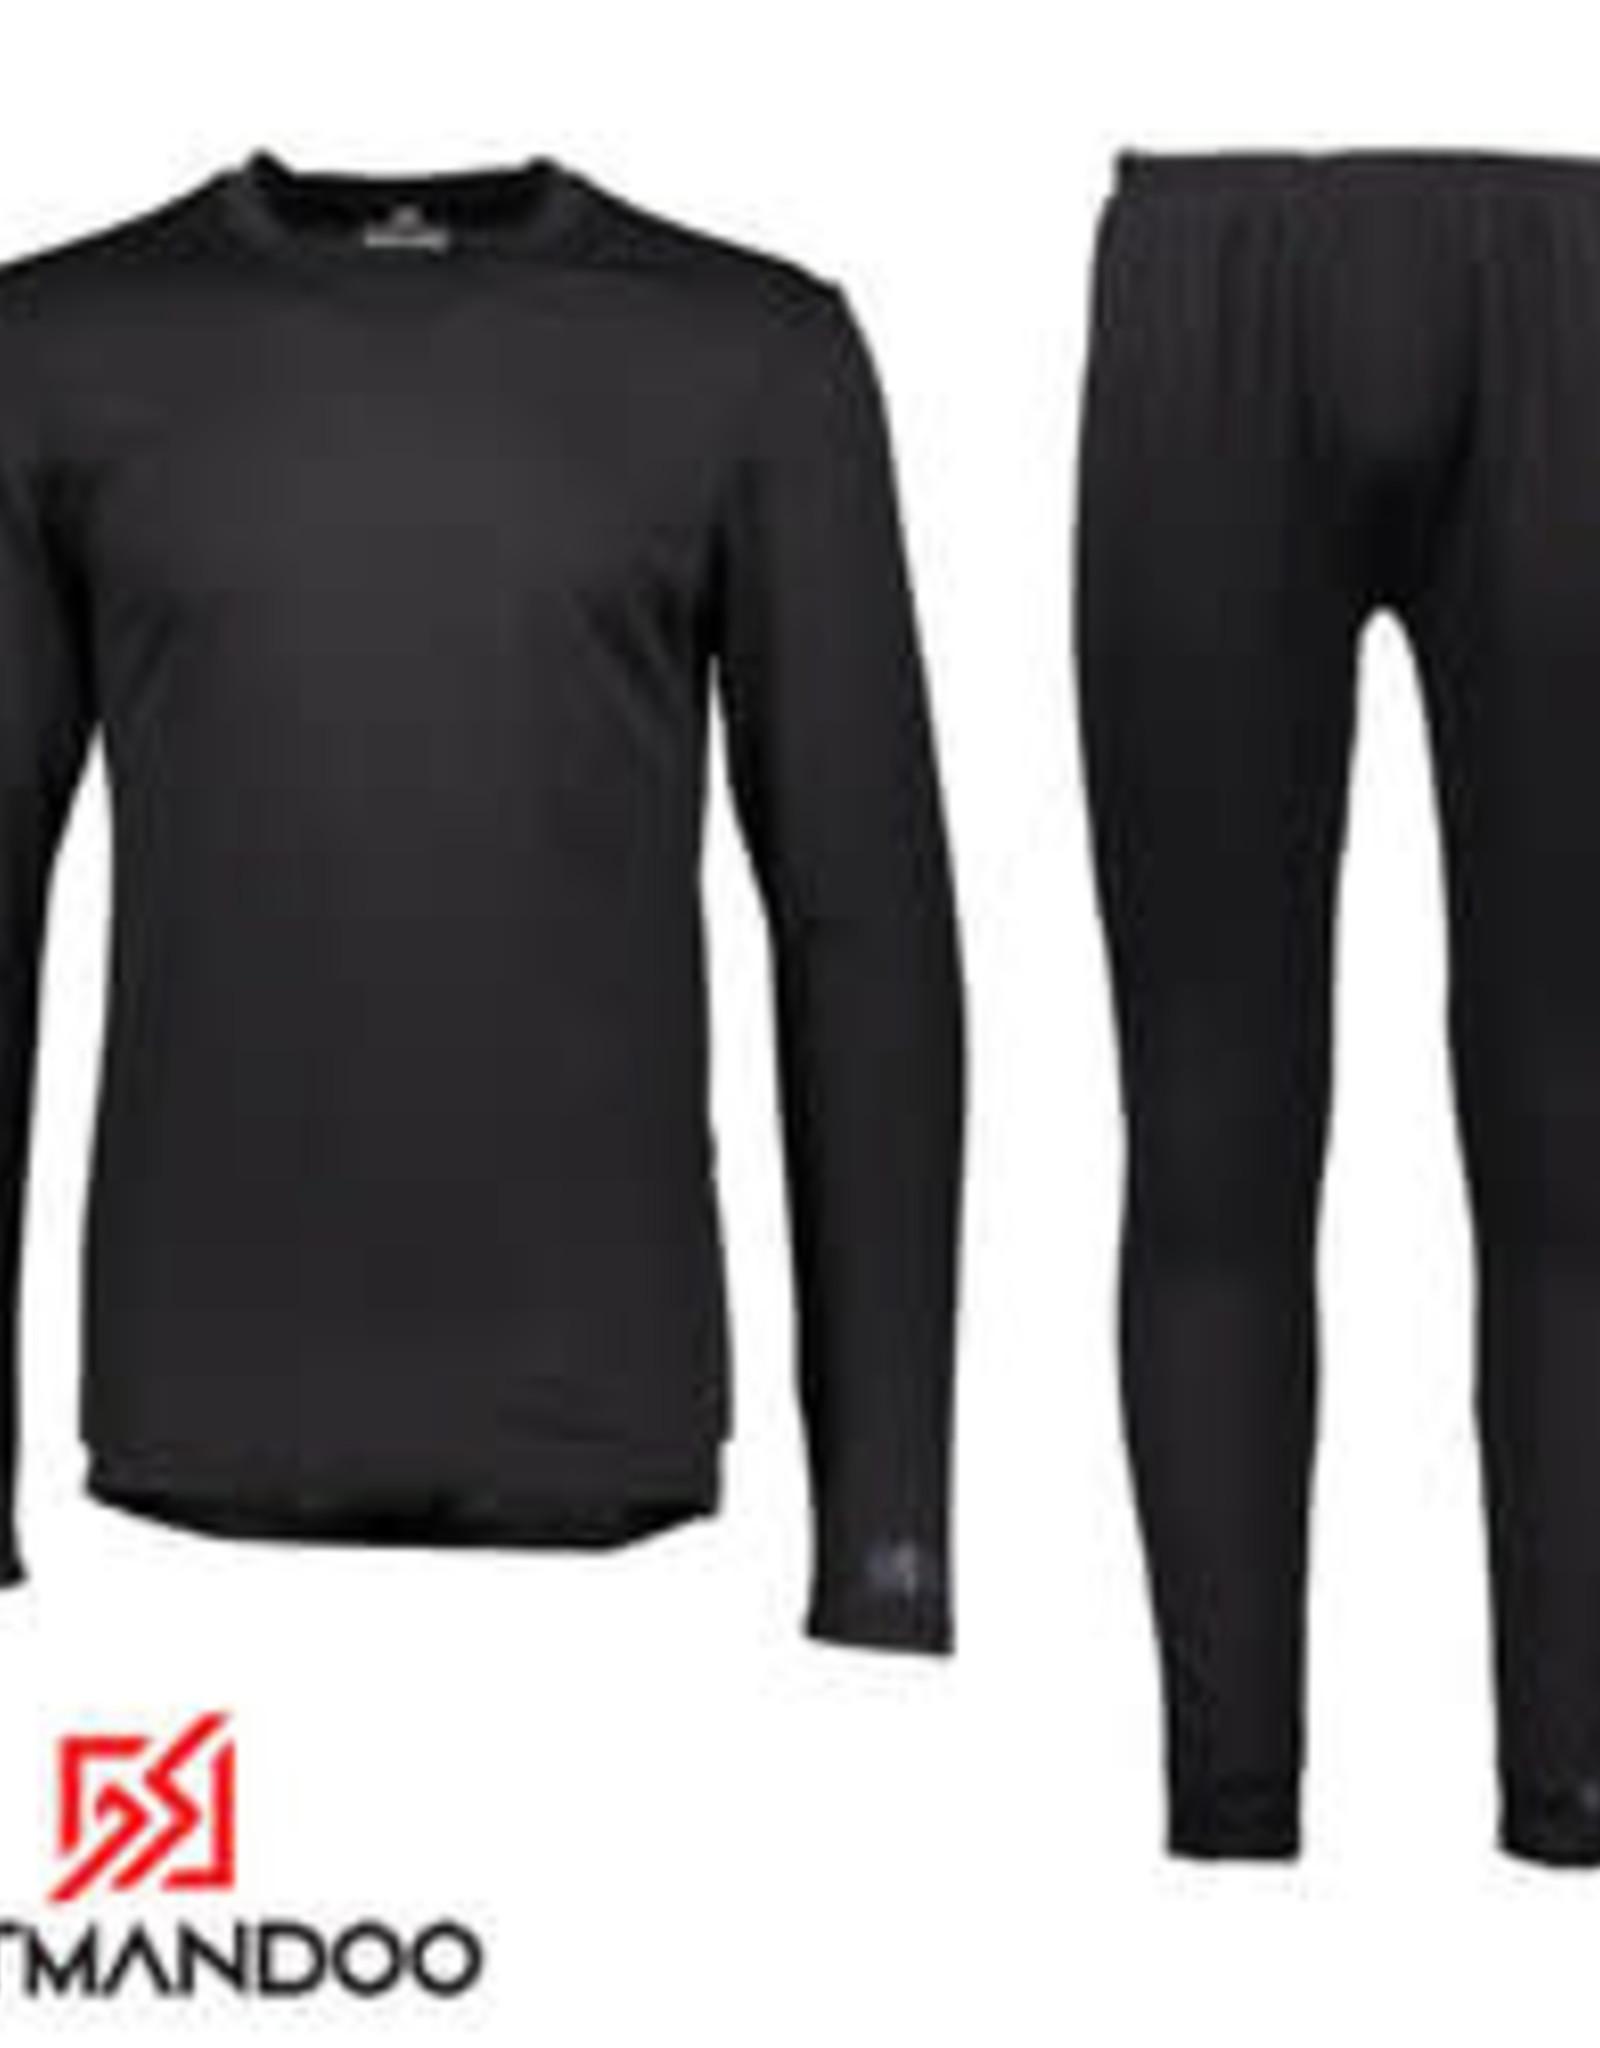 Catmandoo Base Layer Shirt & Pants JR